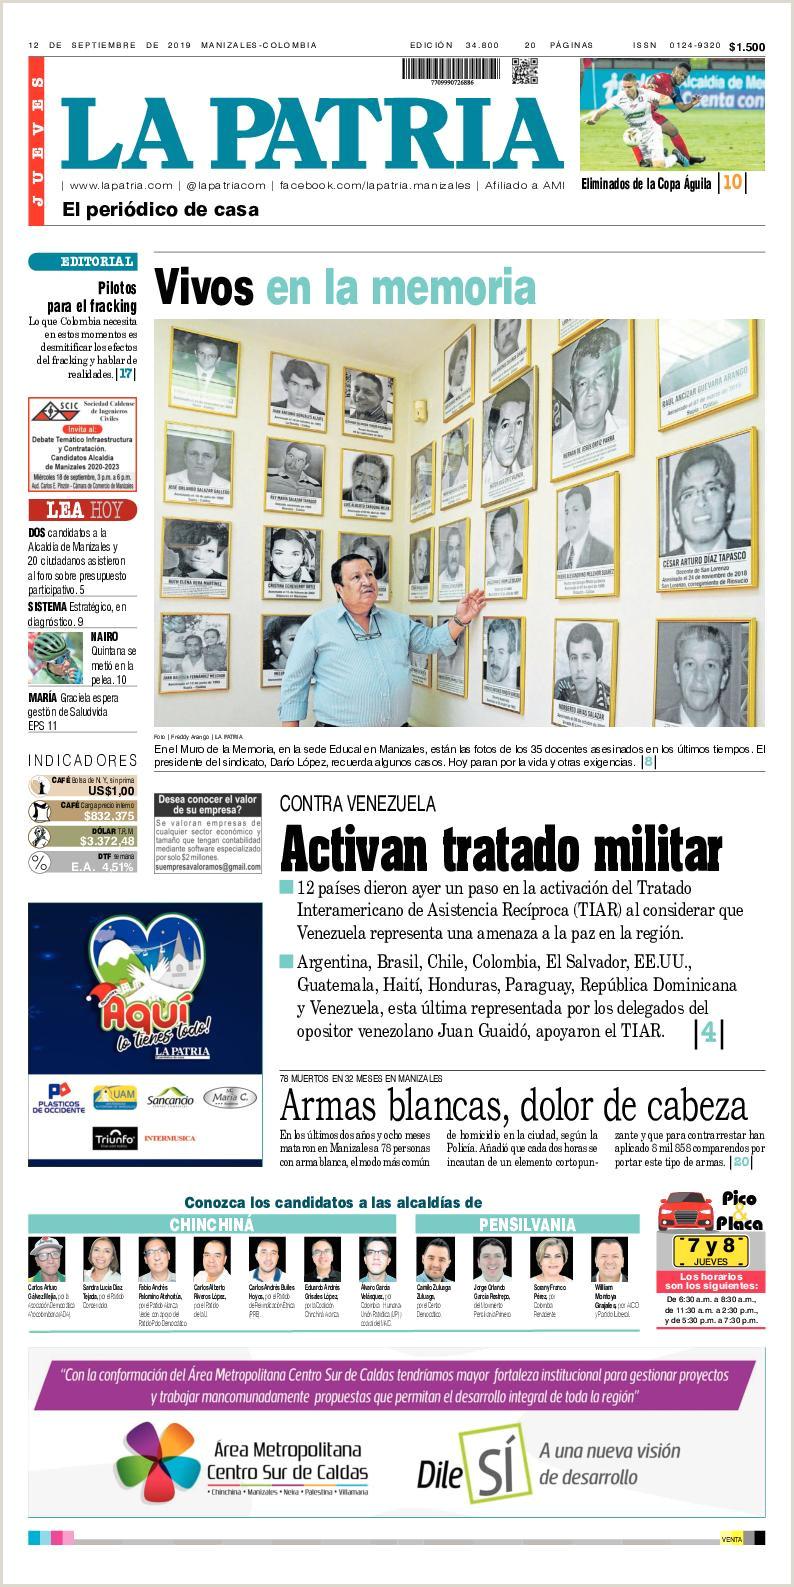 Formato Unico Hoja De Vida Bancolombia Calaméo Lapatria 12 09 2019